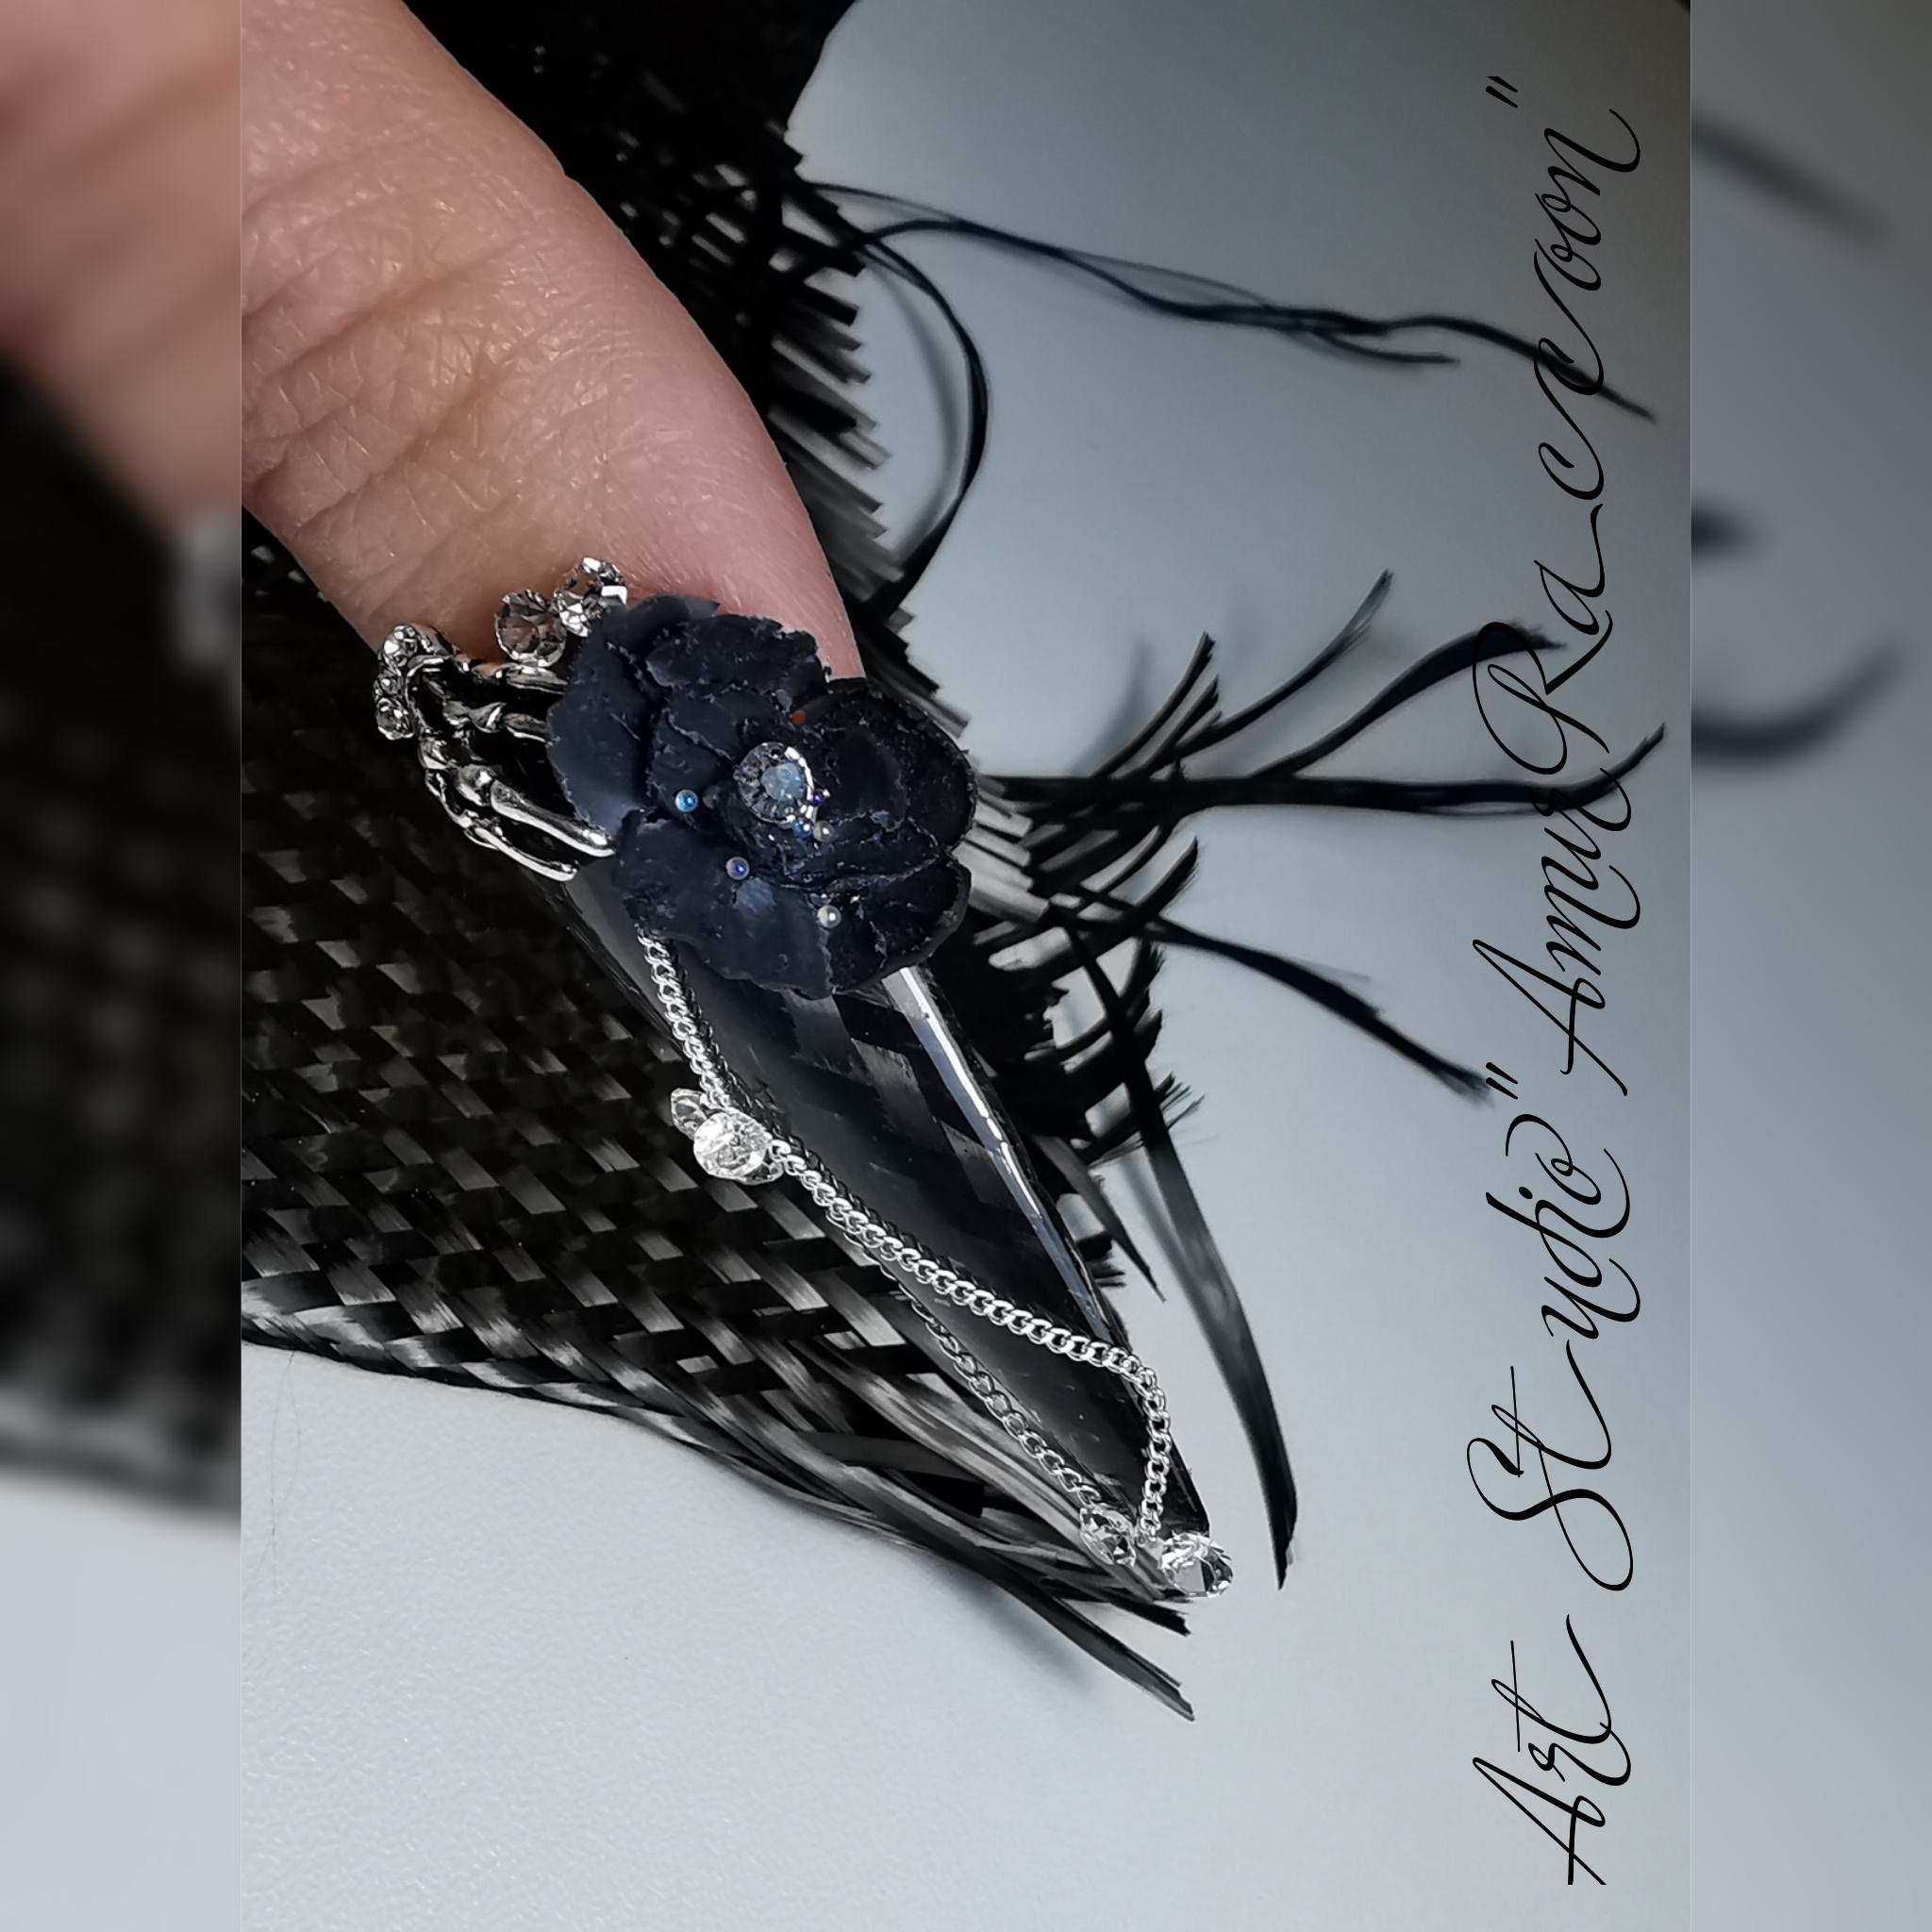 Оригинальный маникюр в чёрном цвете  с искусственными цветами, стразами и цепочками.